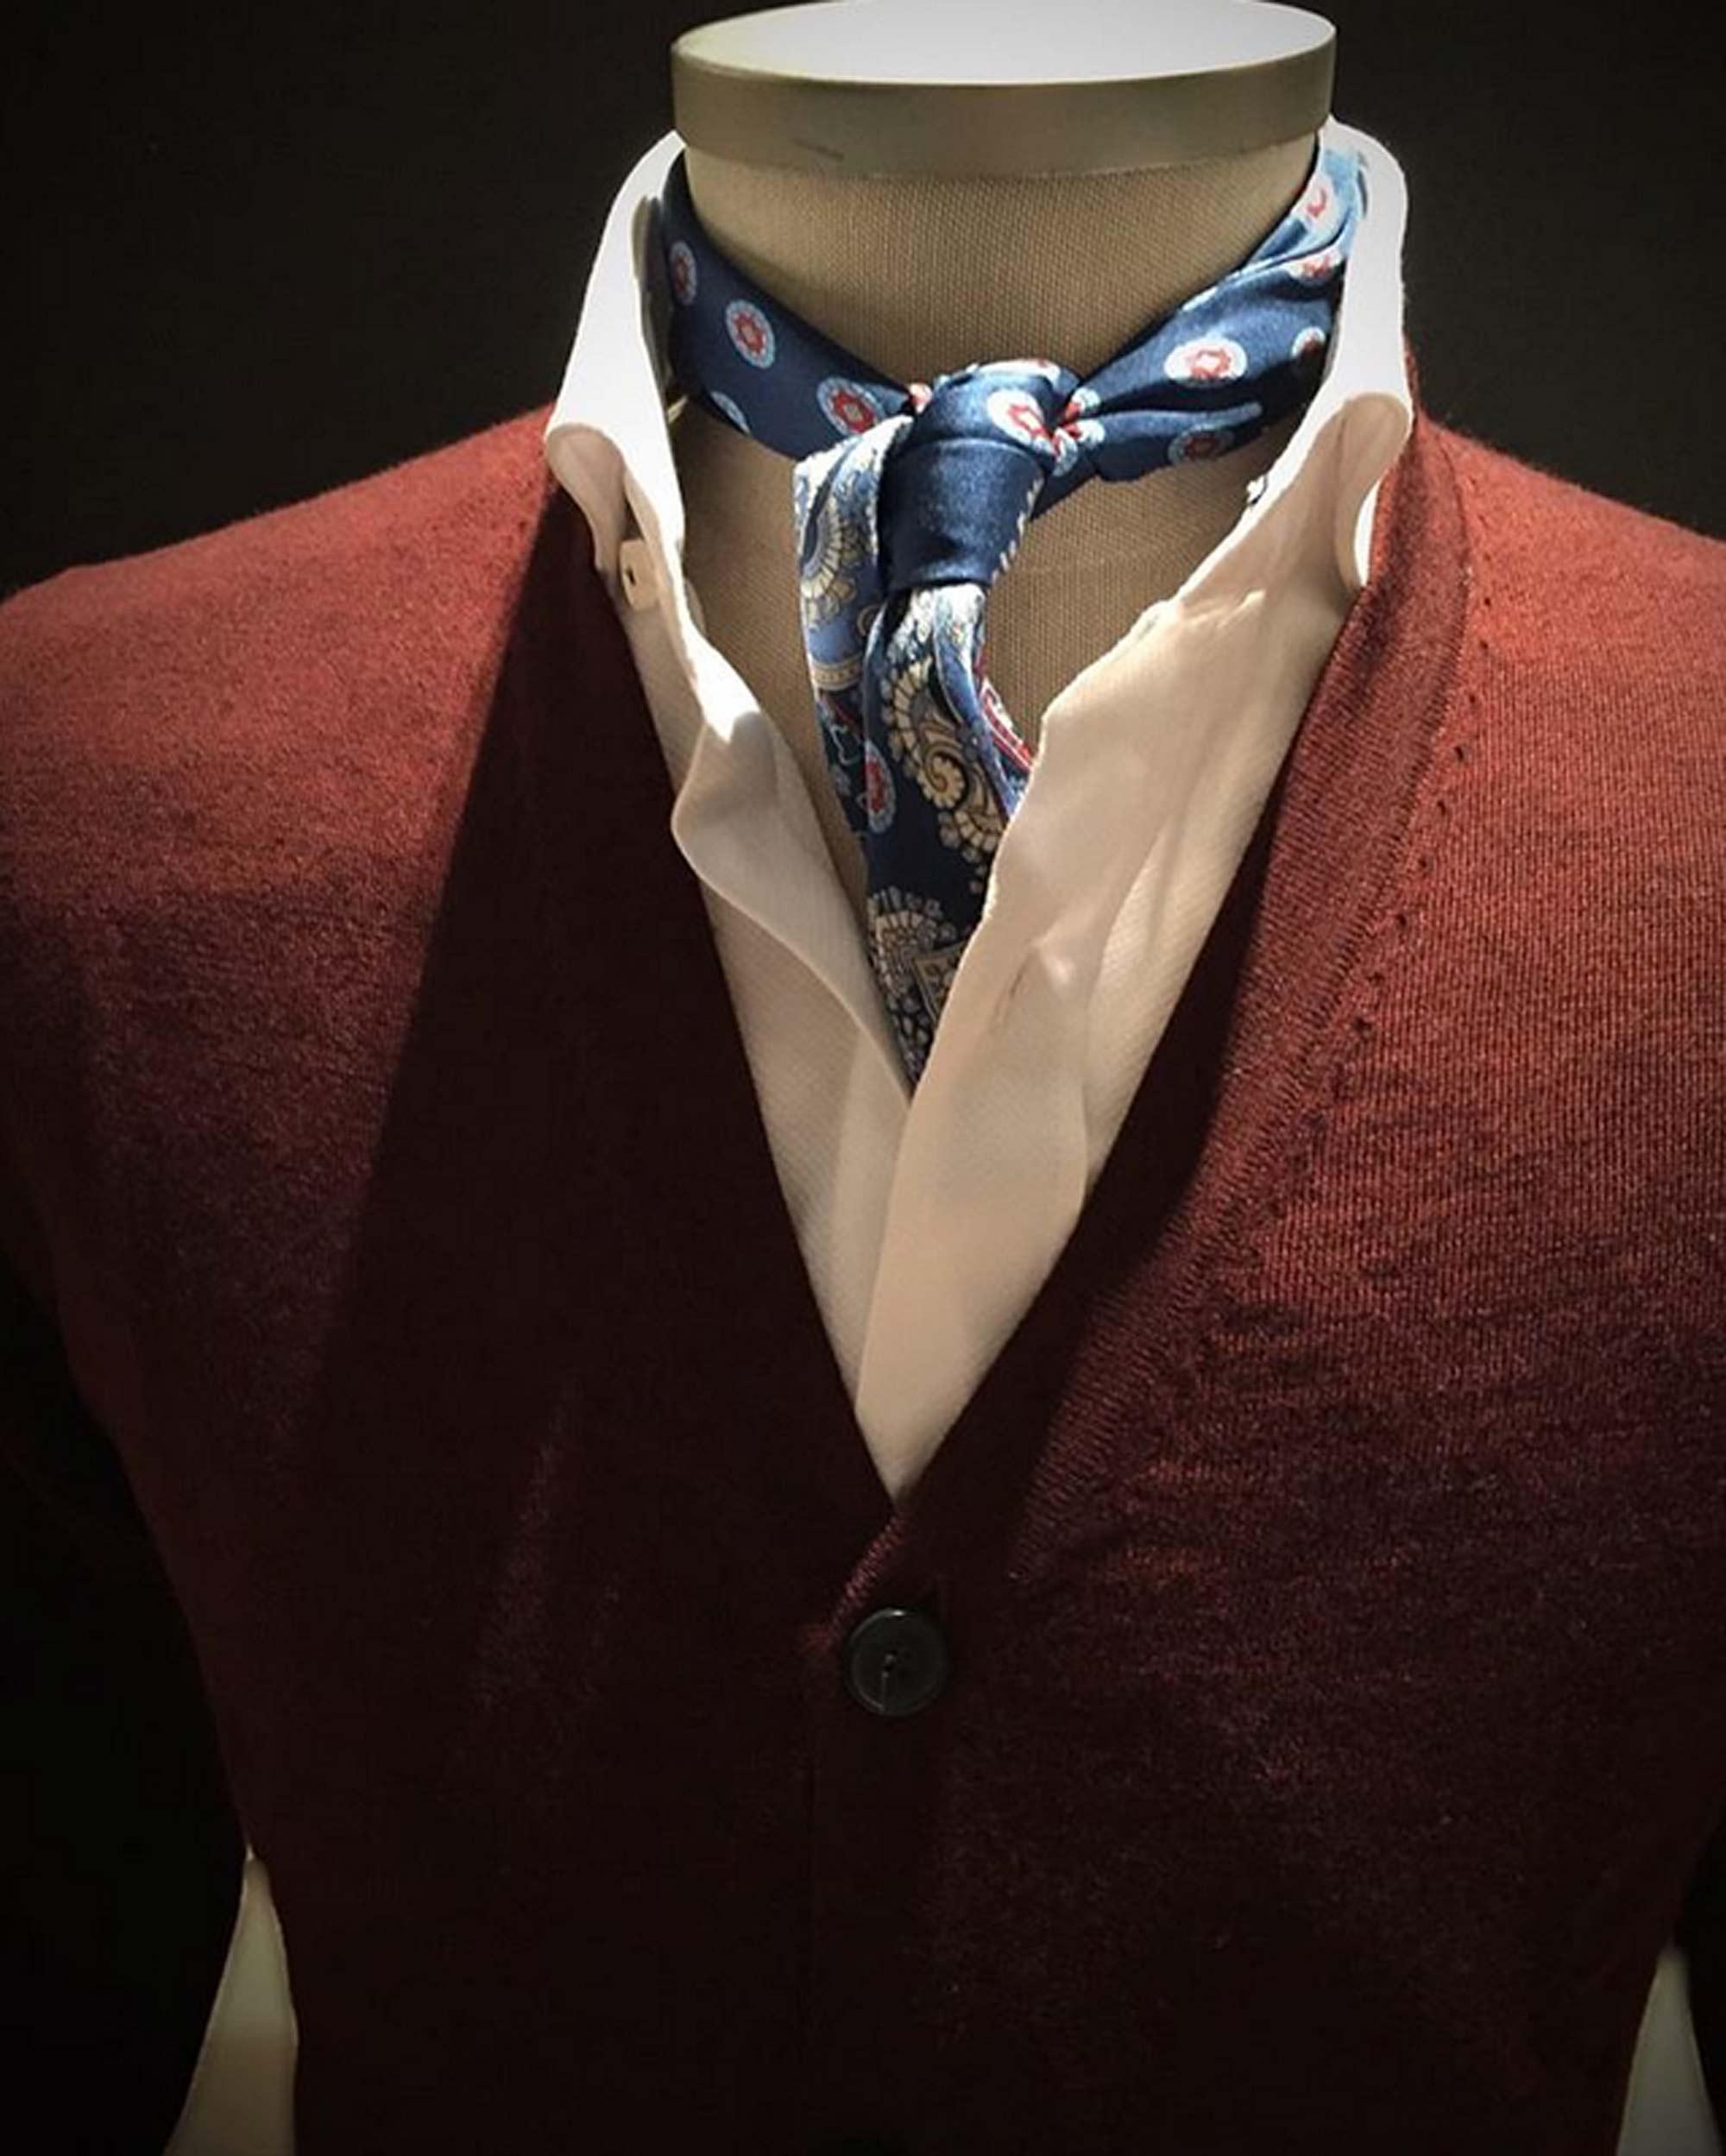 camisas corbatas jerseis pashminas pochettes zapatos exclusivos buona fortuna comprar online moda italiana y made in spain cardigans